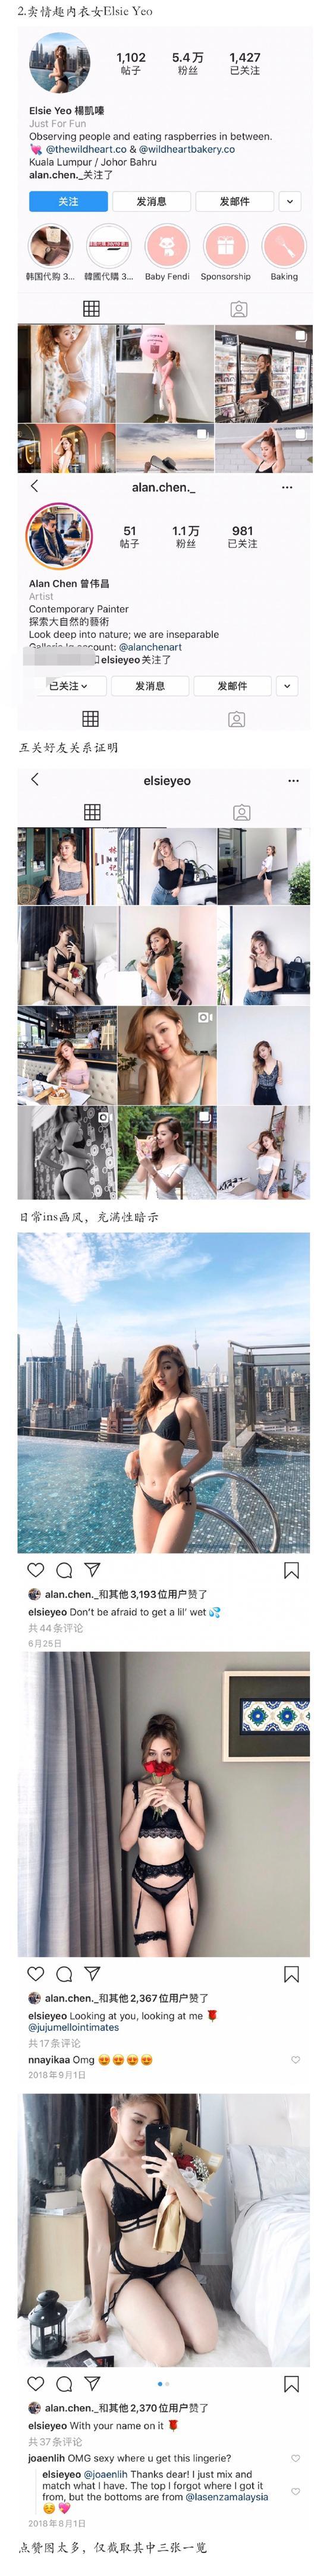 网友曝陈乔恩新男友品行不一 多次点赞美女泳装照